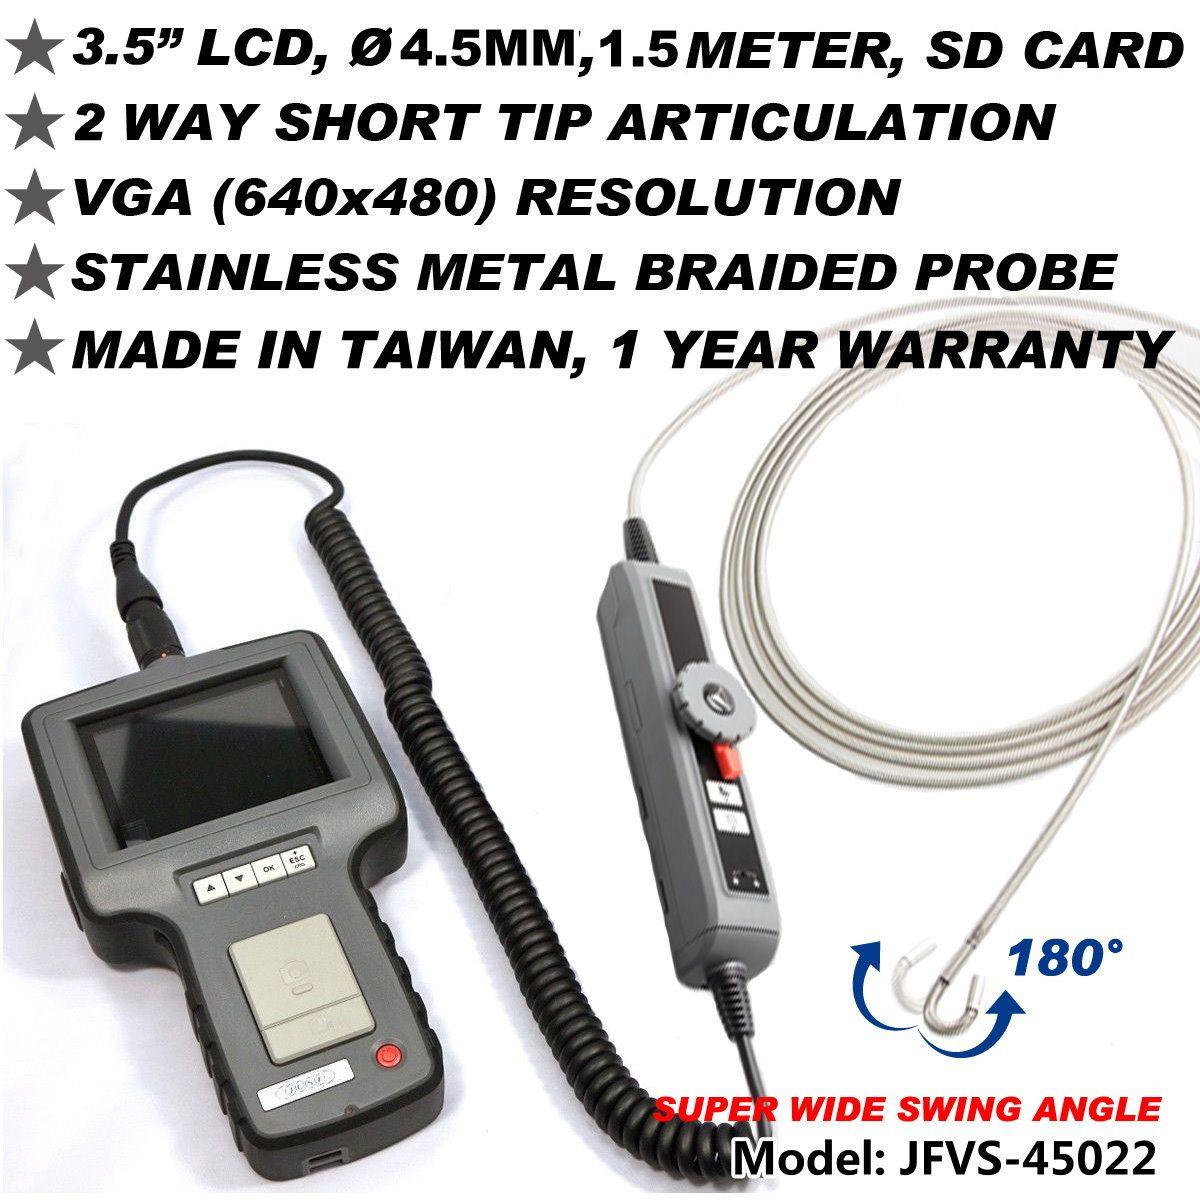 2 Way Articulating Φ4.5MM 1.5M VGA Inspect Borescope Videoscope NDT JFVS-45022